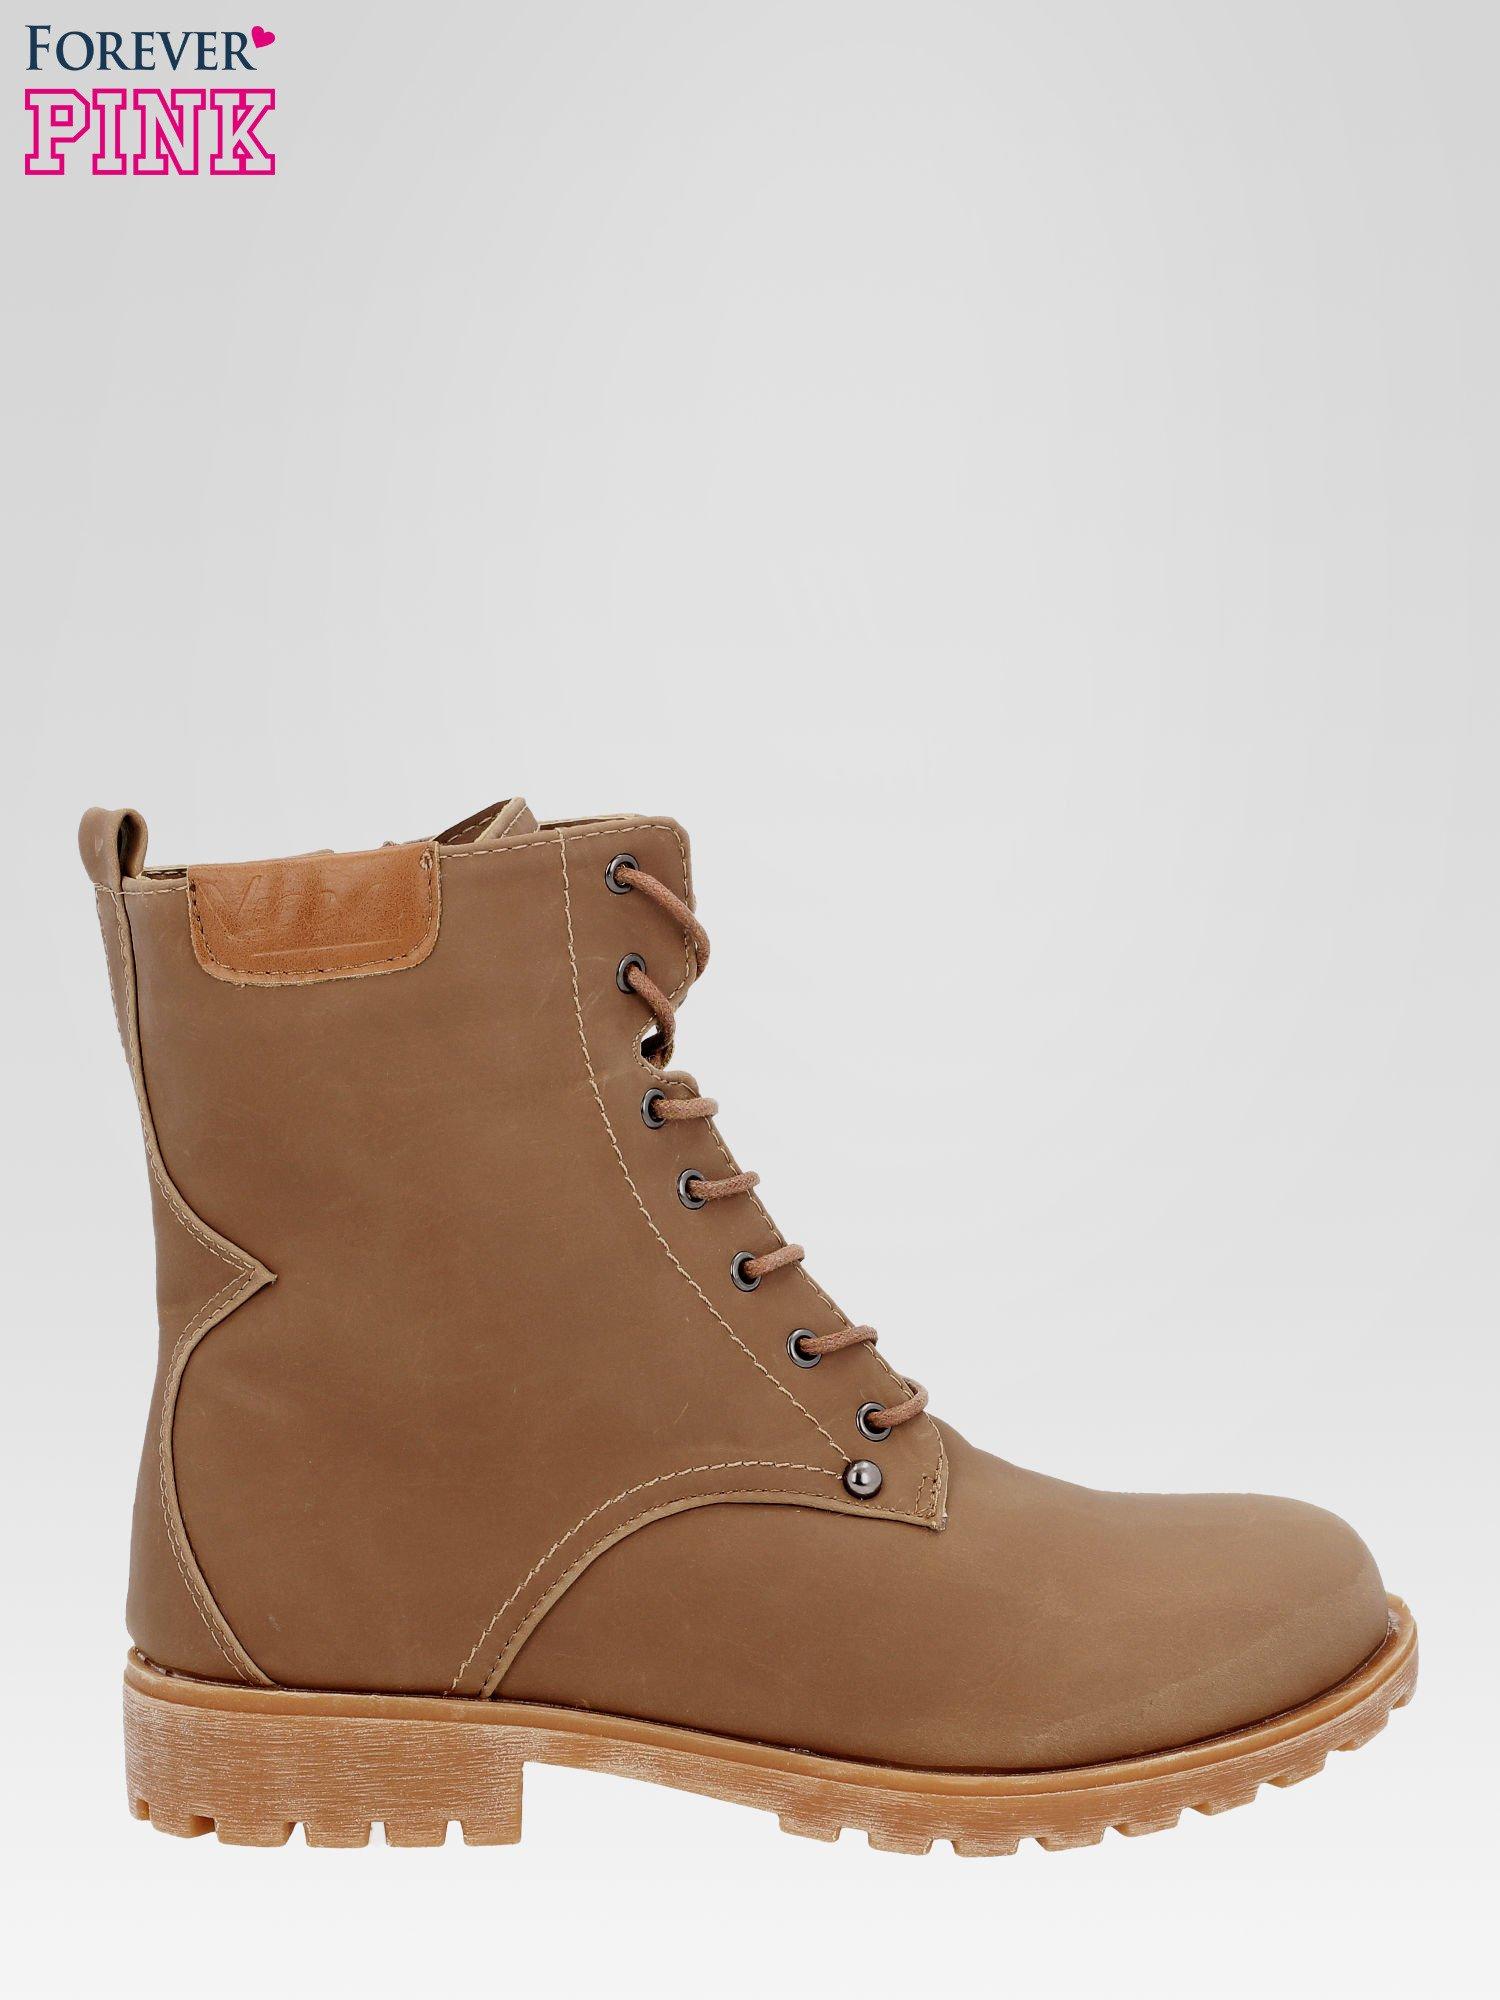 Brązowe damskie buty trekkingowe typu traperki                                  zdj.                                  1